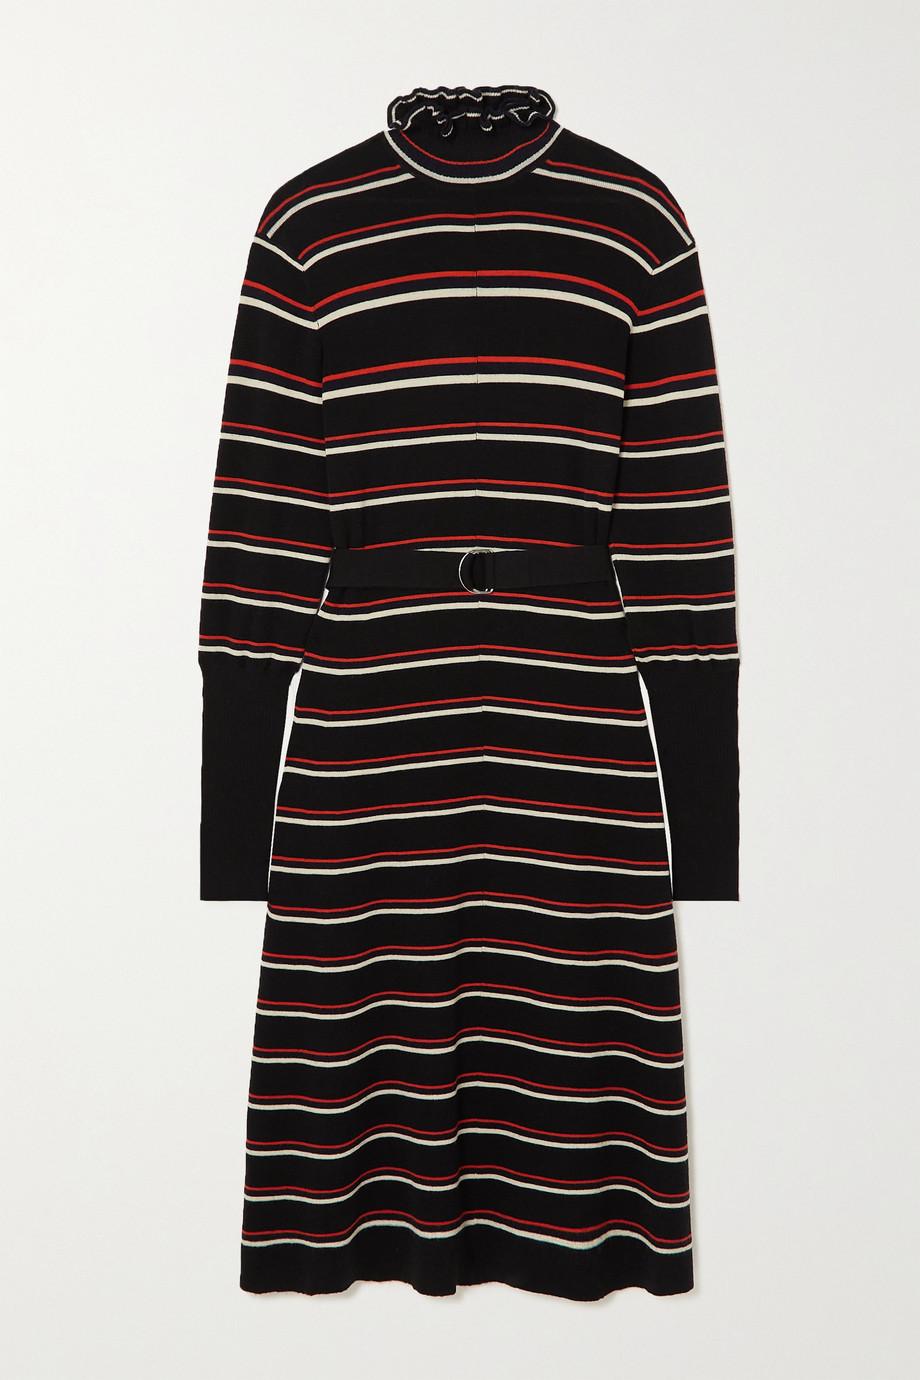 Chloé Robe midi en laine à rayures, à volants et à ceinture